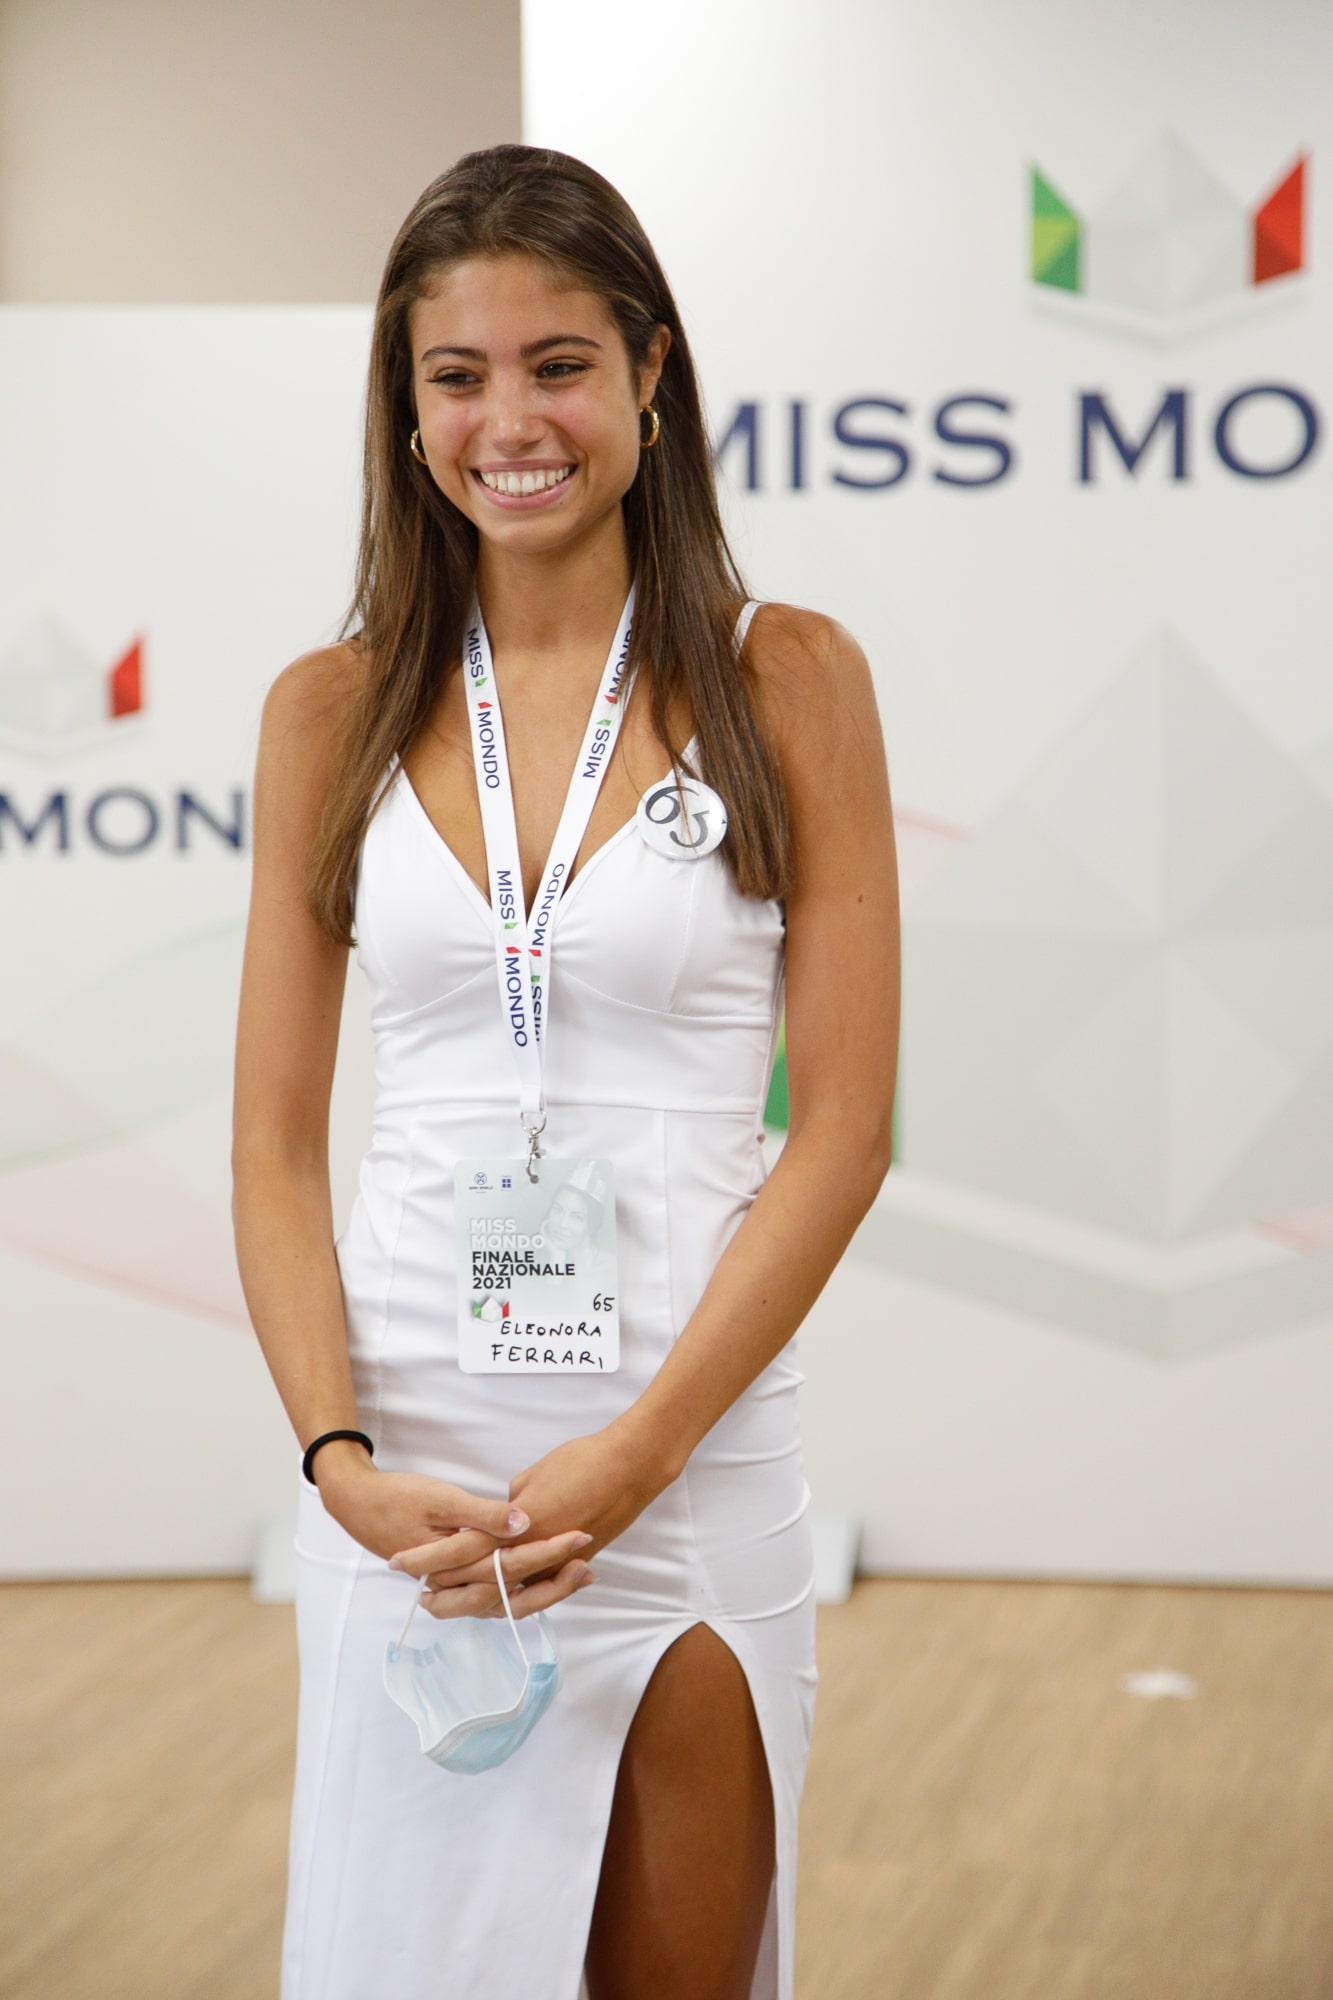 Terzo passaggio giuria per le ragazze di Missmondo Italia 2021 - 34